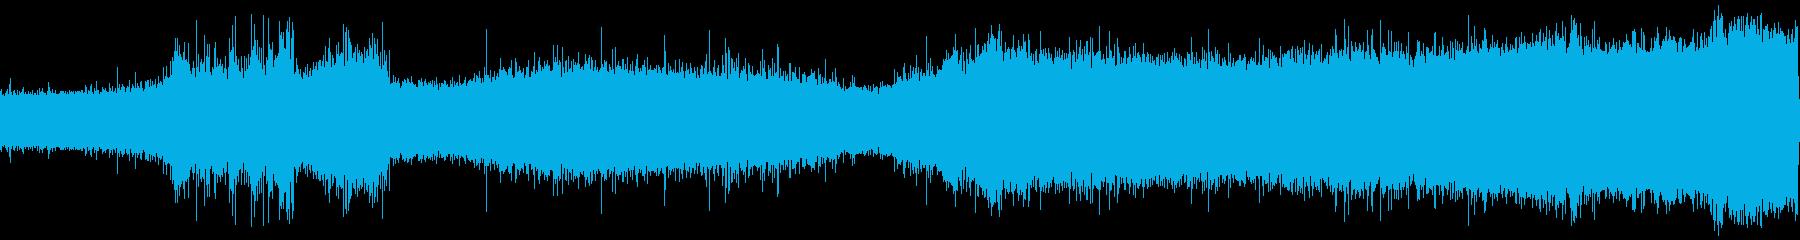 噴水スプレーの再生済みの波形